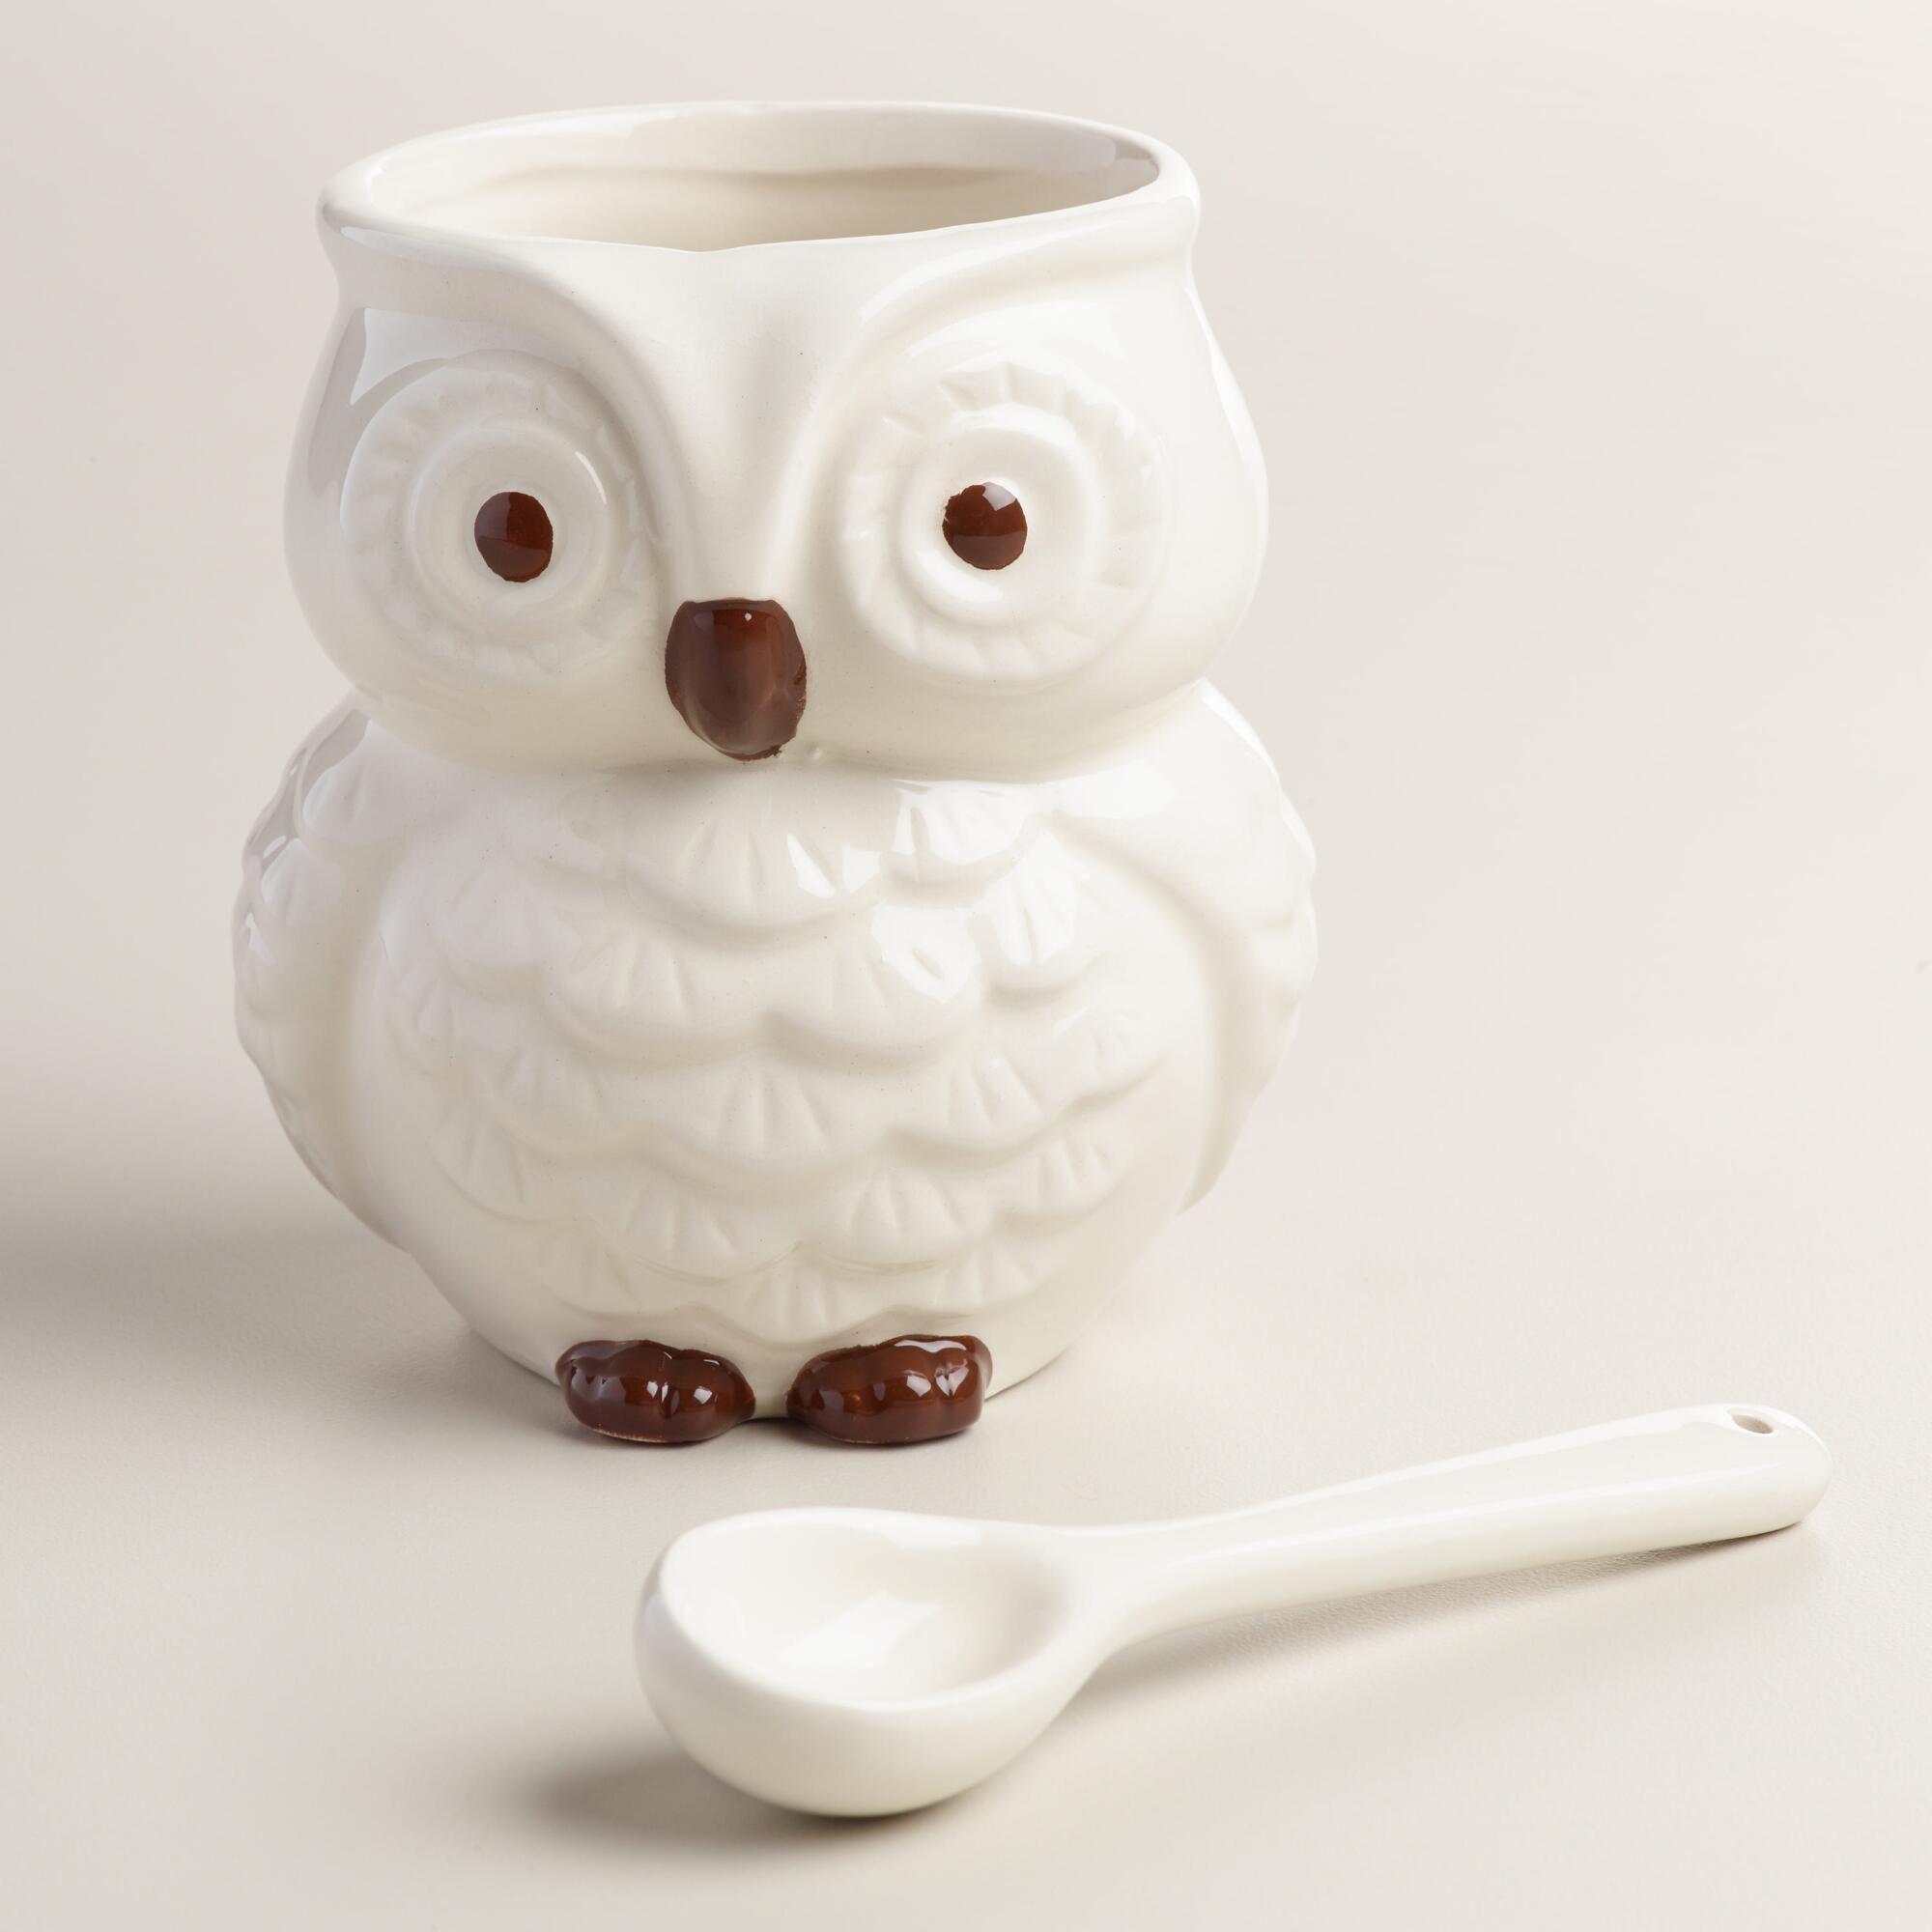 White Ceramic Owl Salt Cellar | Keramiken, Salzstreuer Und Welt